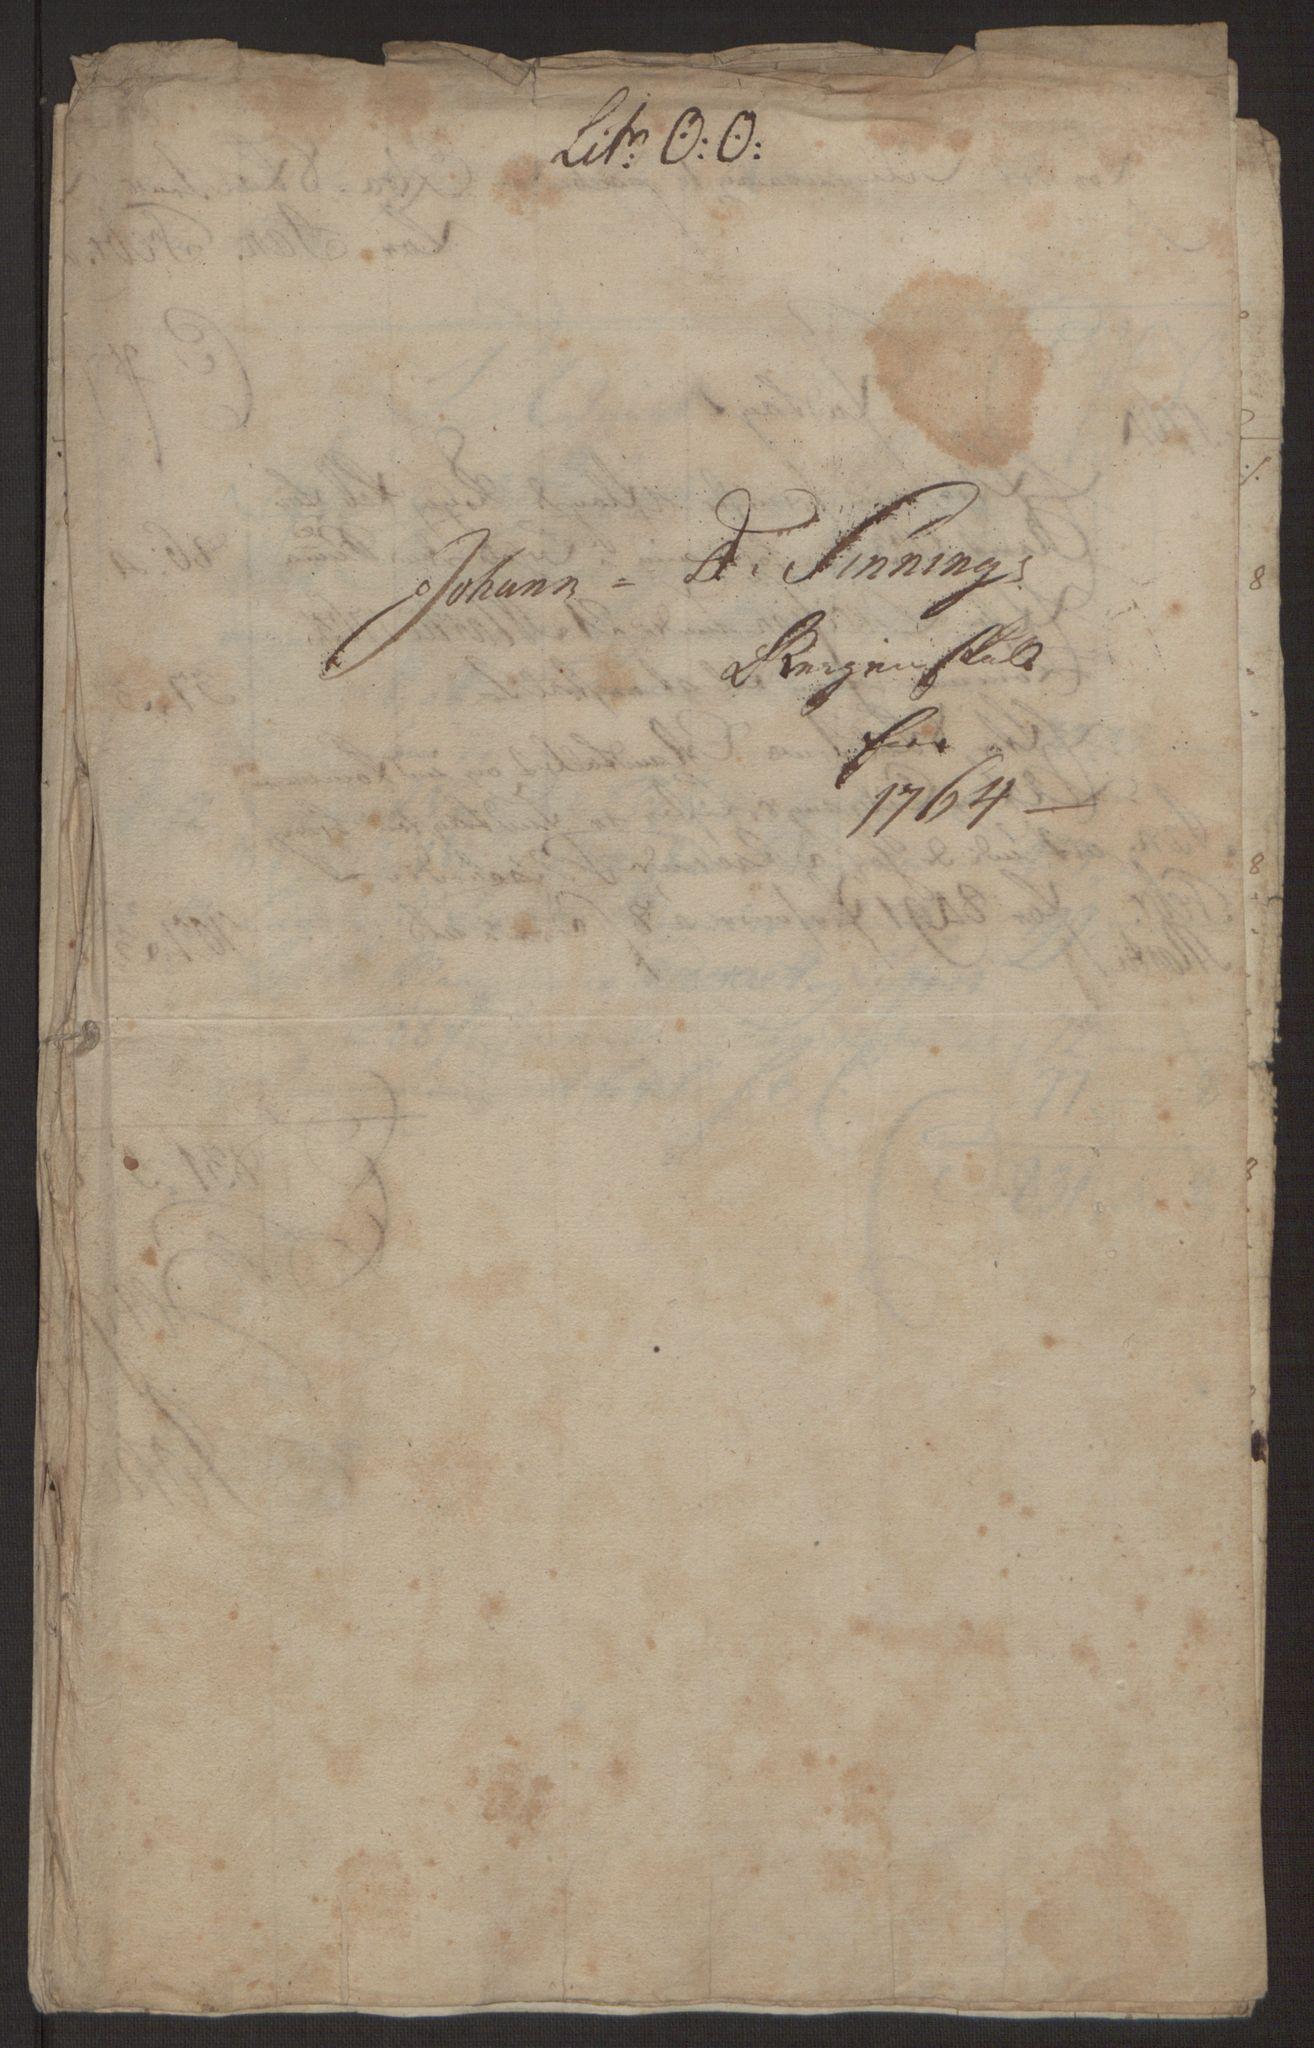 RA, Rentekammeret inntil 1814, Reviderte regnskaper, Byregnskaper, R/Rp/L0368: [P21] Kontribusjonsregnskap, 1764, s. 153